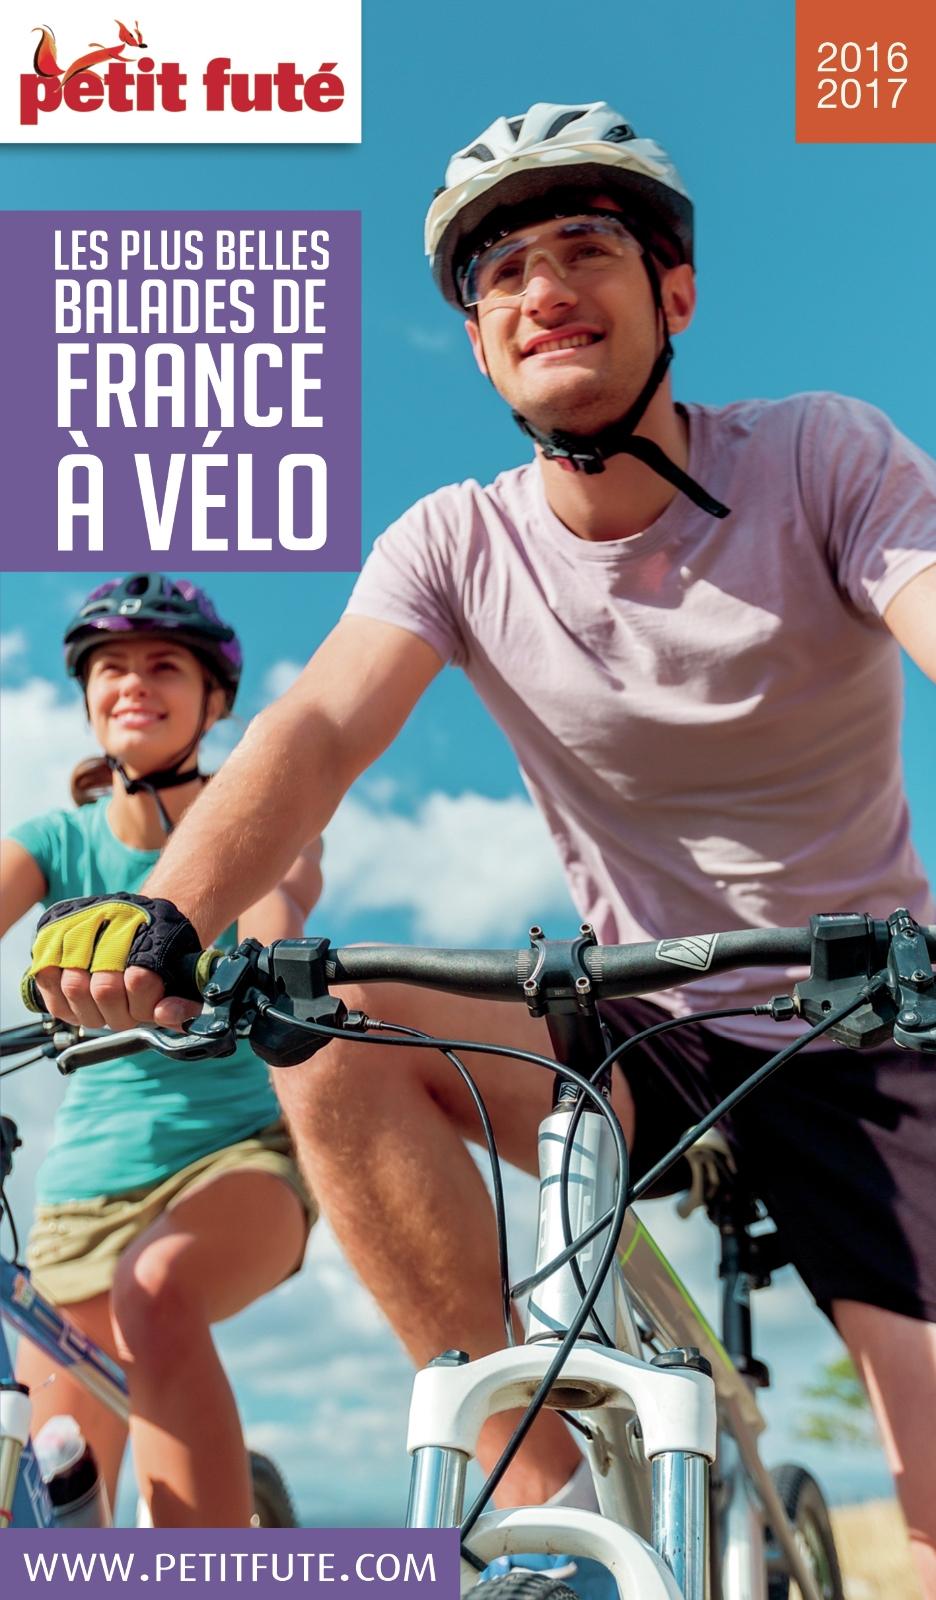 Les plus belles balades de France à vélo 2016/2017 Petit Futé